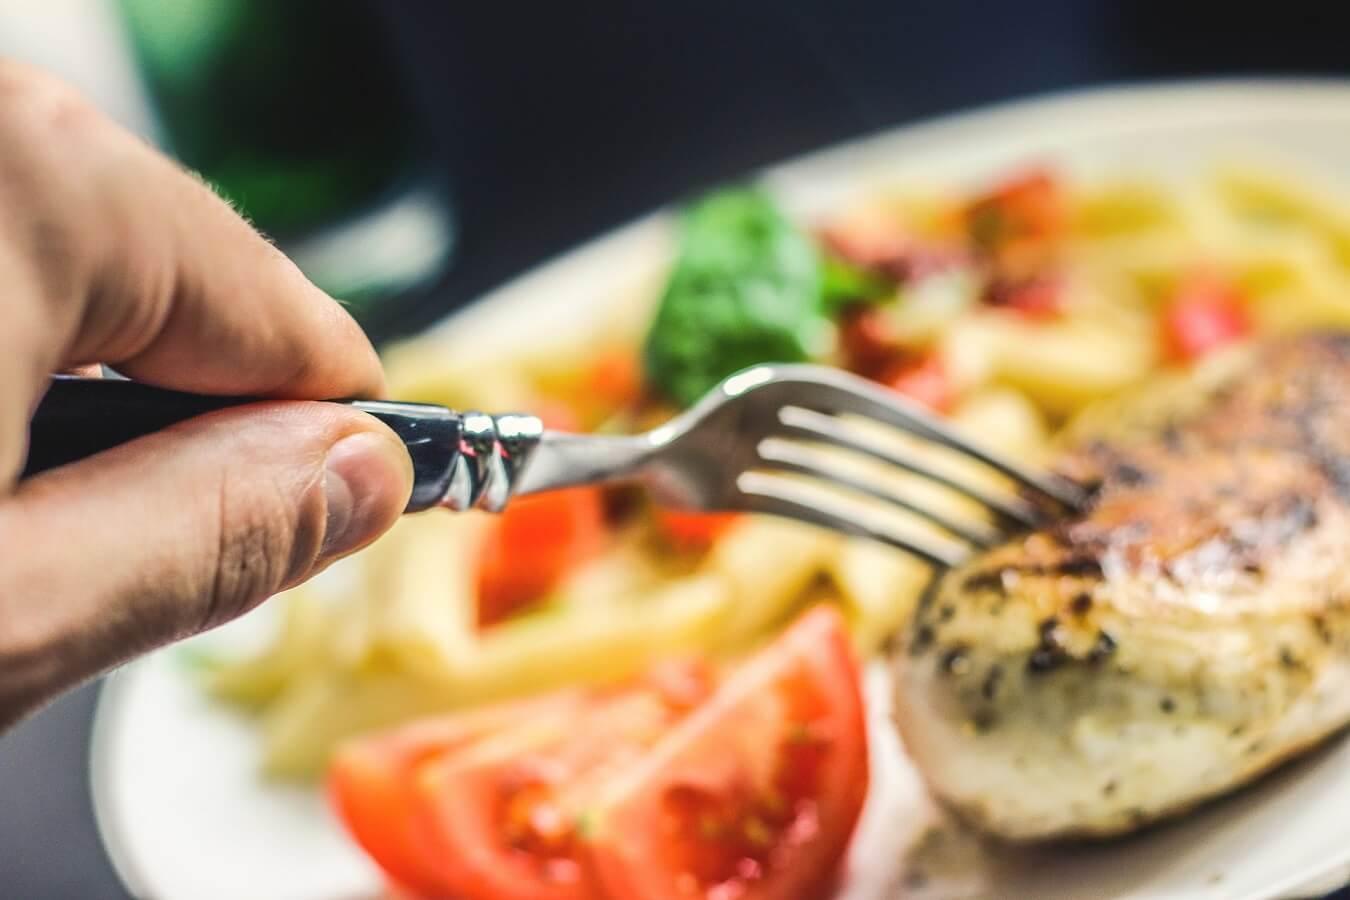 ストレス発散目的の食べ過ぎはNG!やけ食いを防ぐための対策方法4選